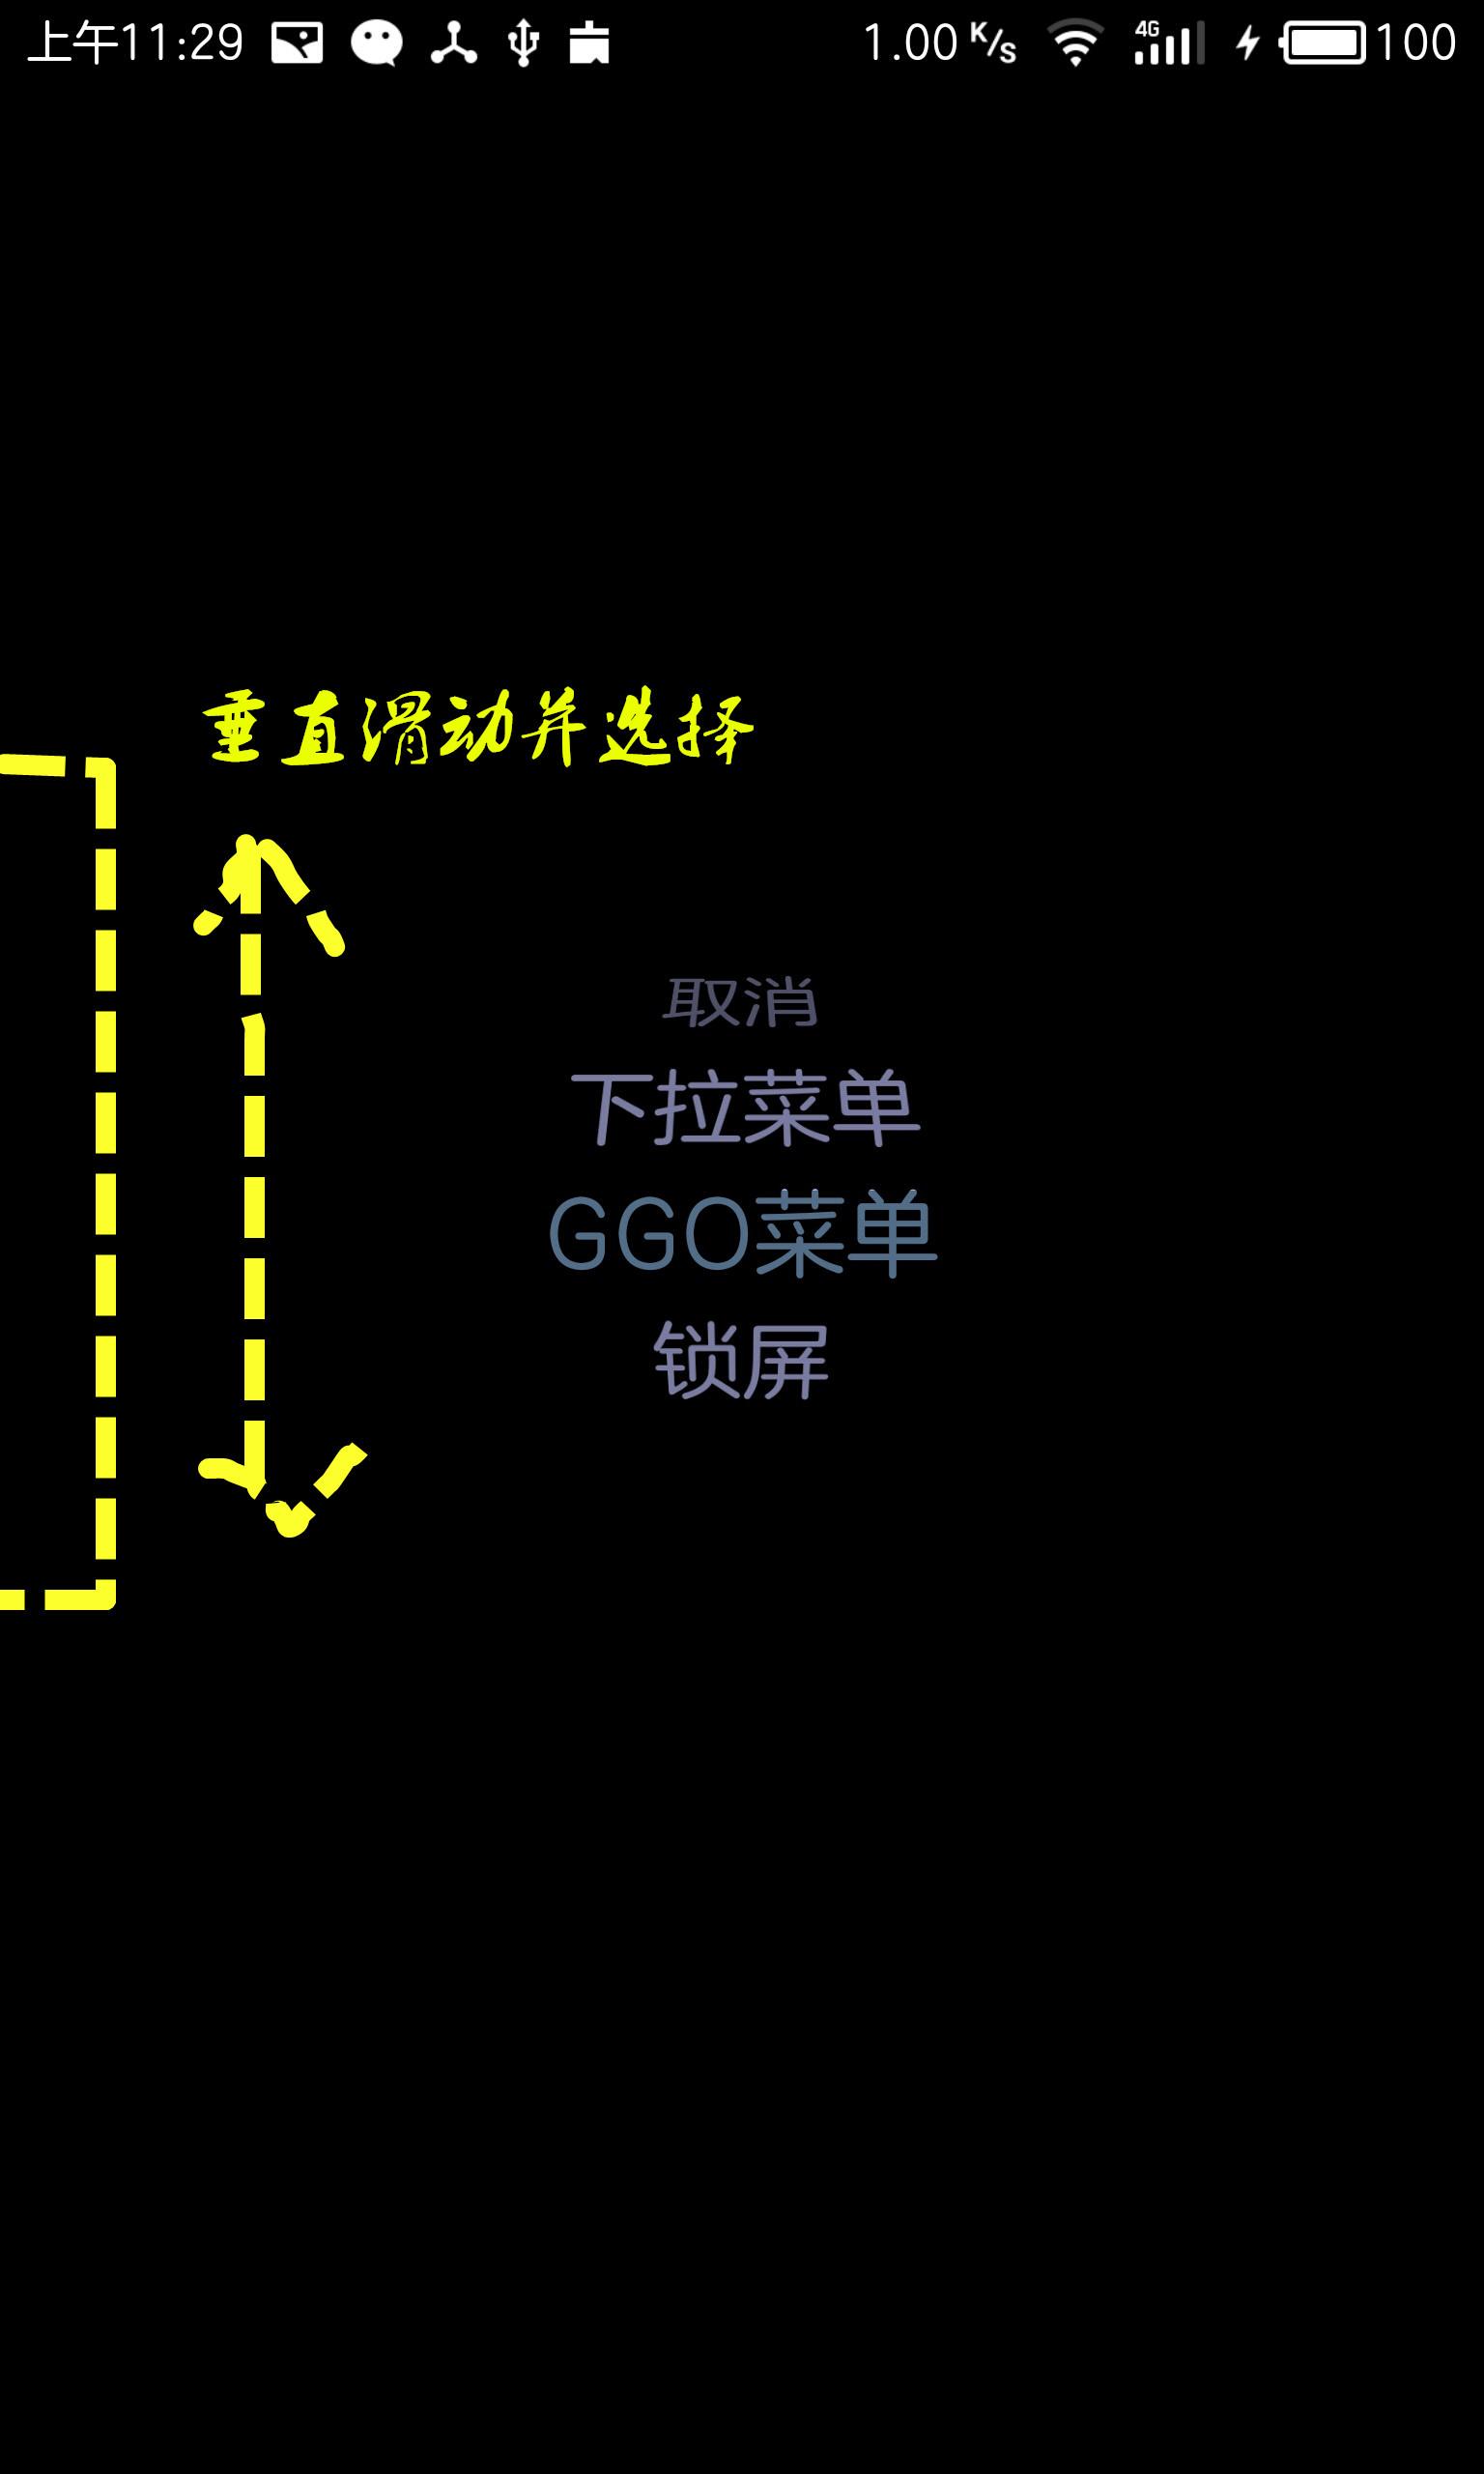 GGO菜单